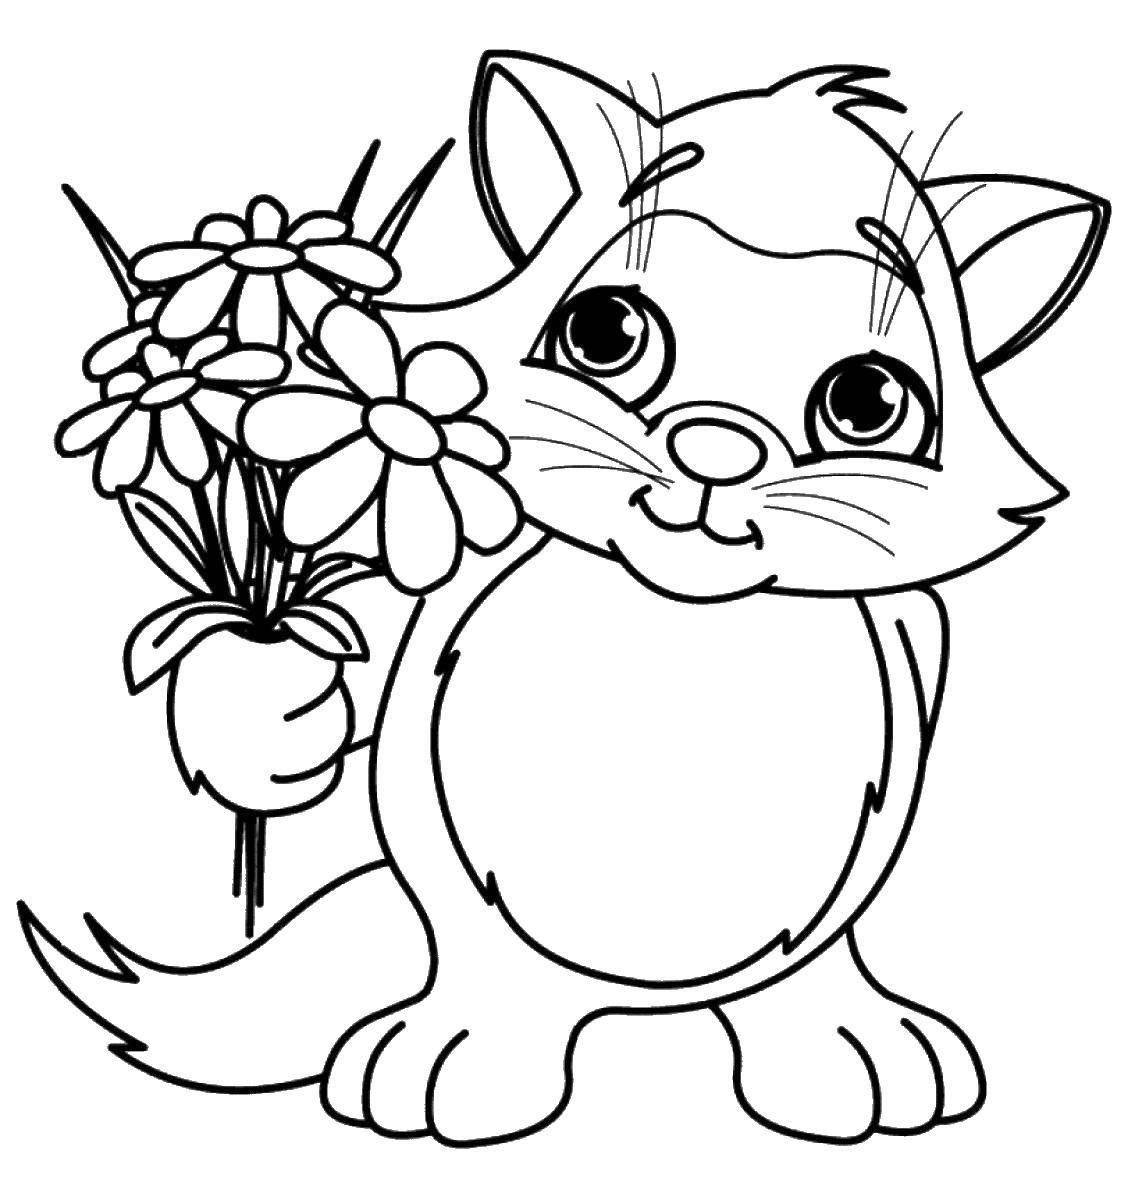 Картинки раскраски цветов и животных